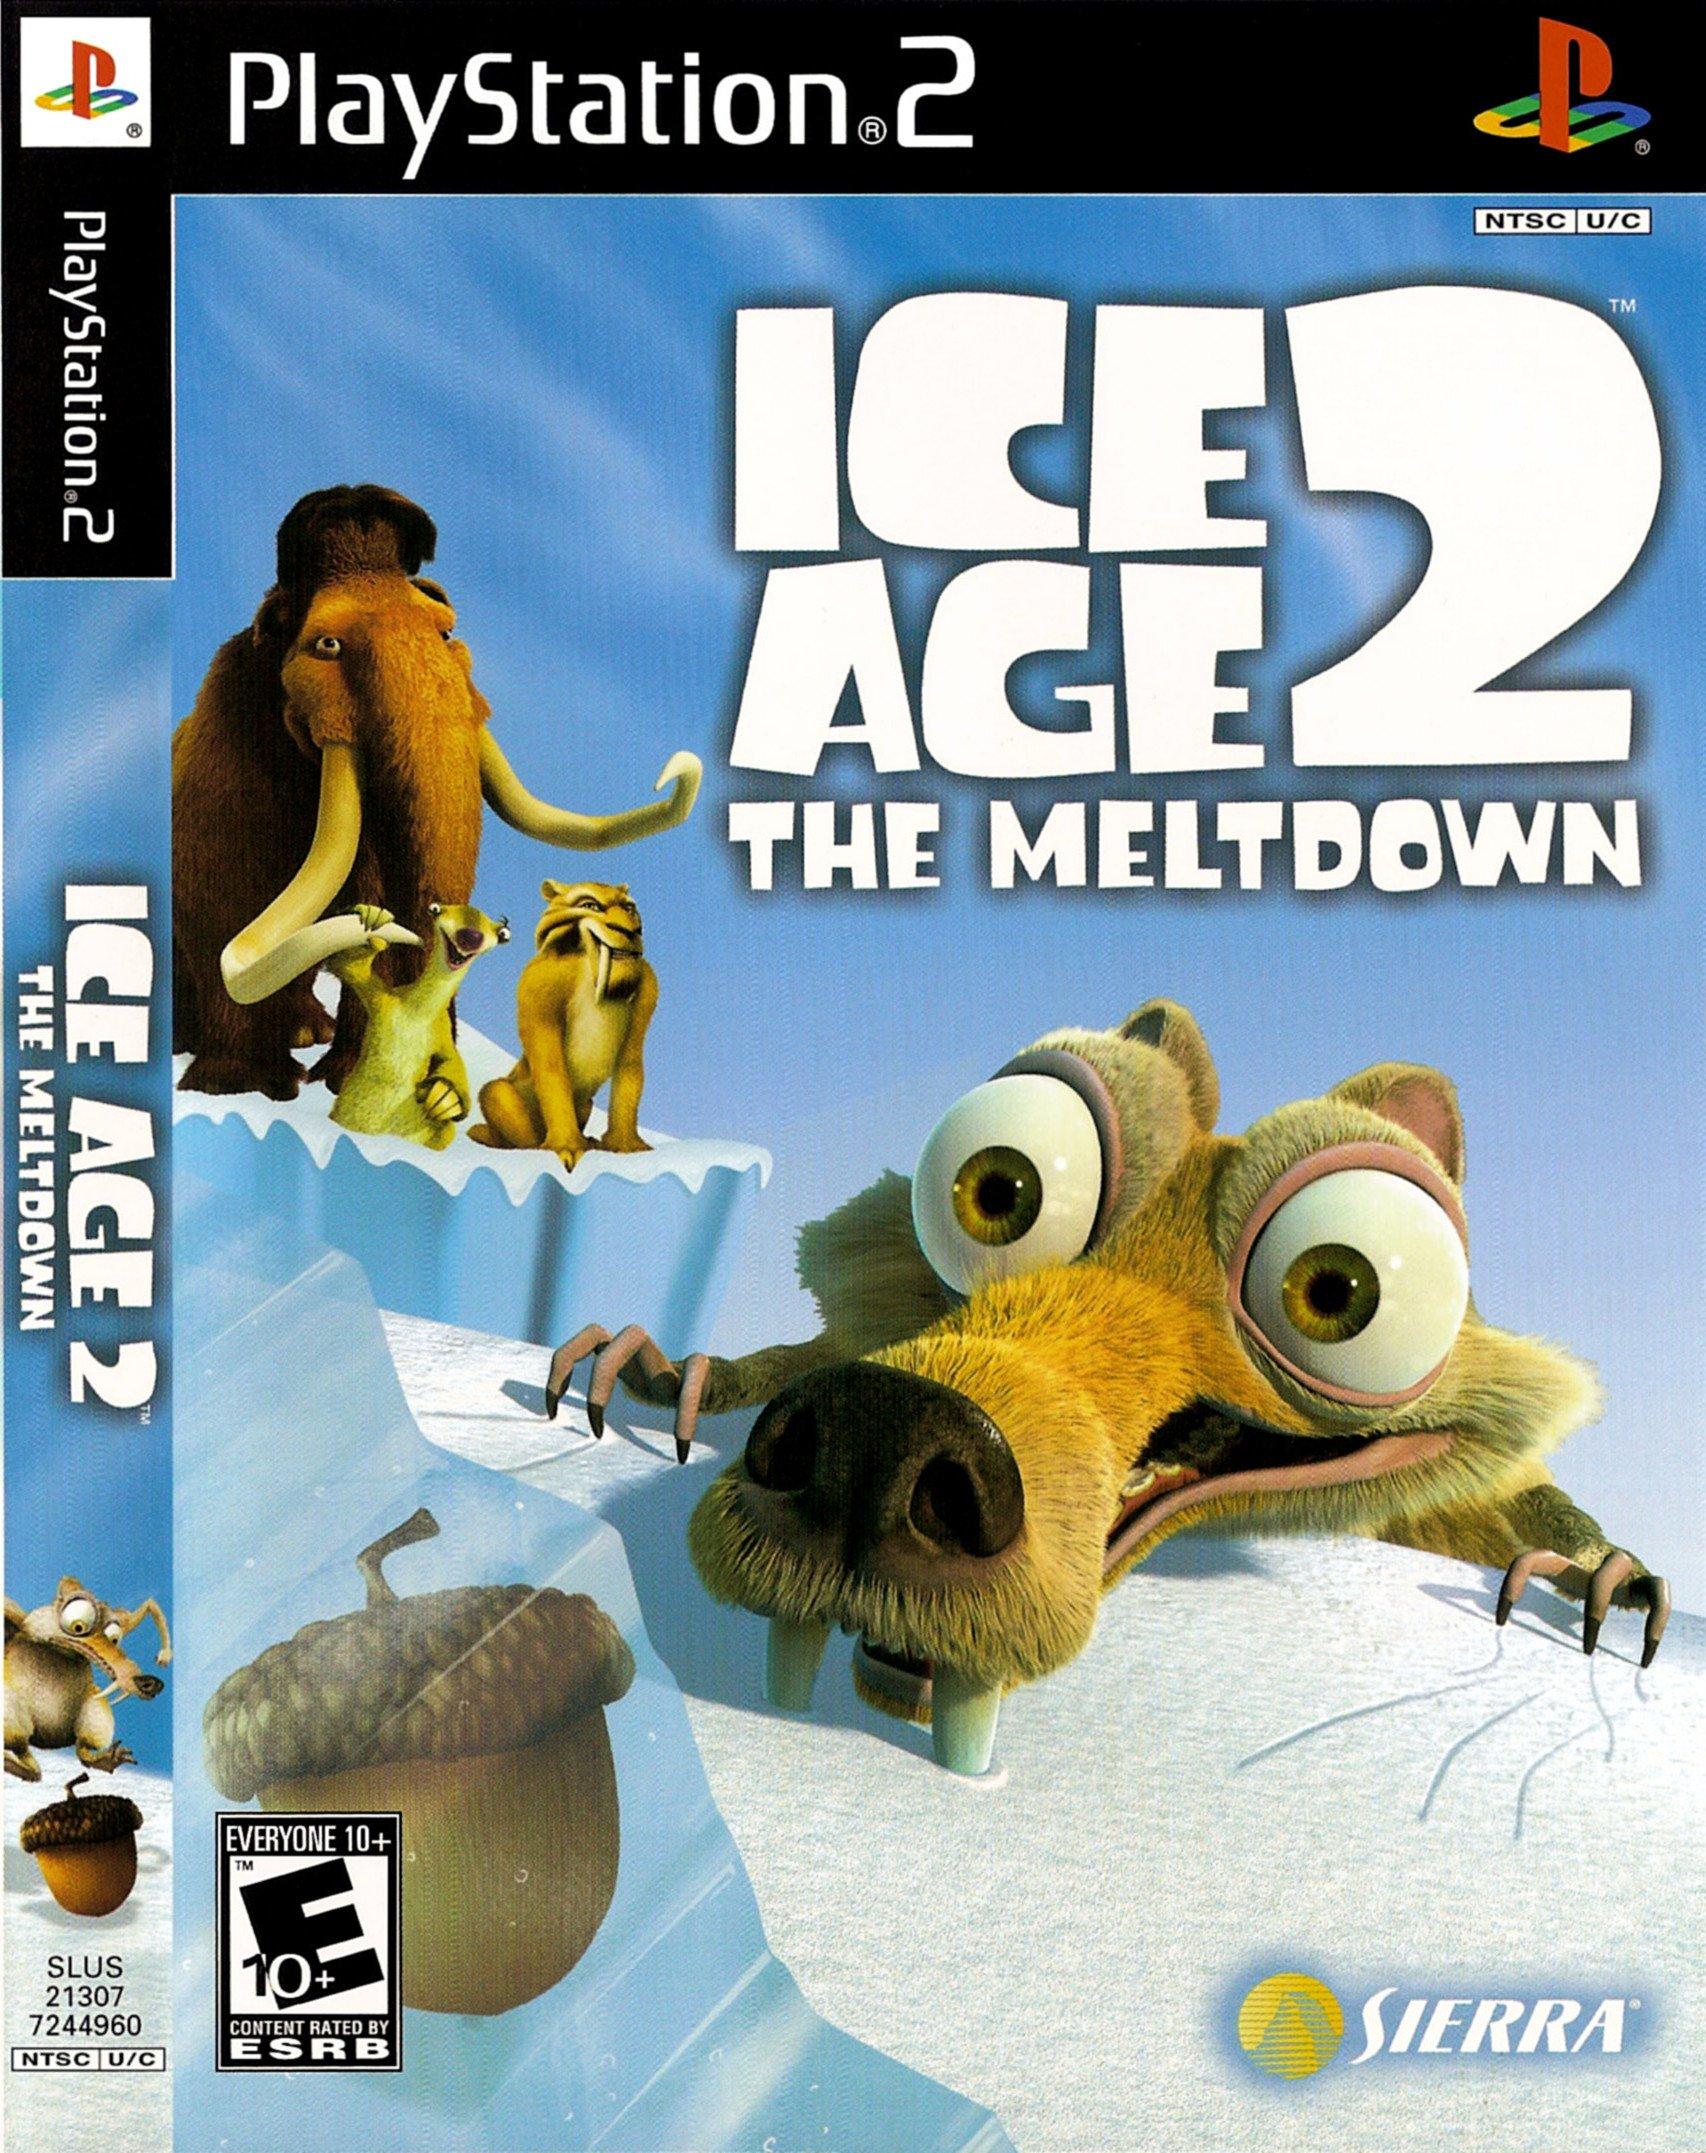 Ice Age 2: The Meltdown - PCSX2 Wiki